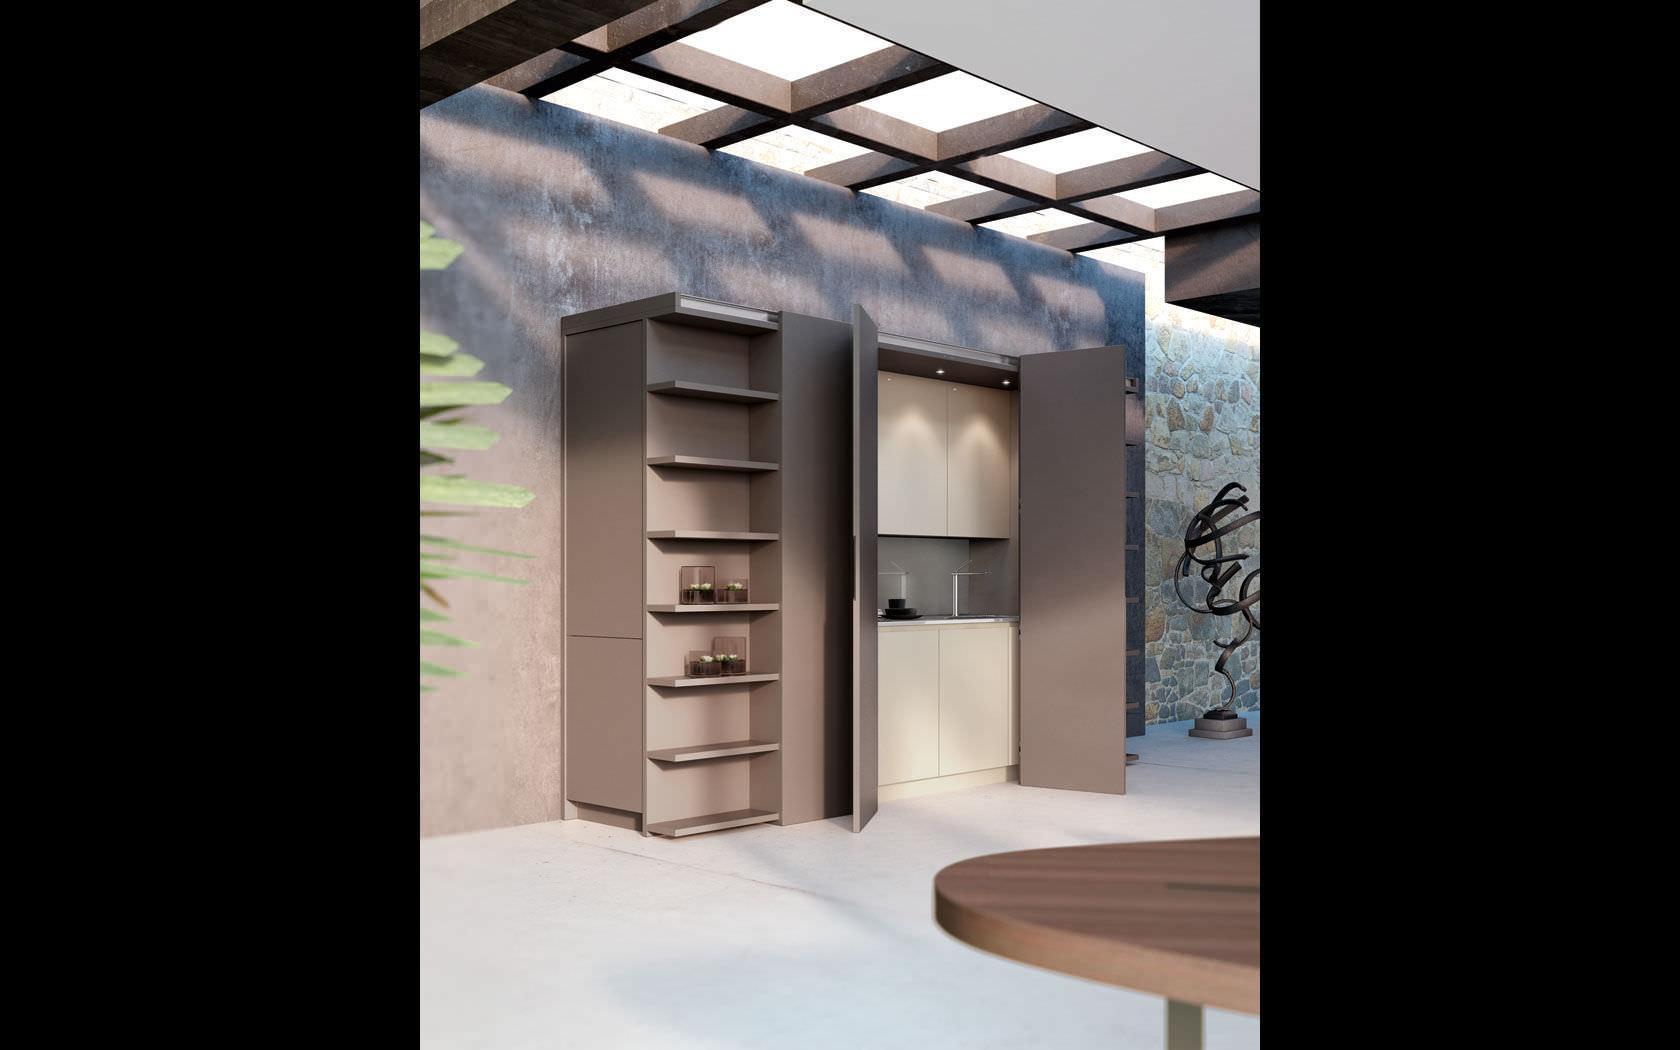 Cucina moderna / in legno / a scomparsa - METAMORPHOSIS - Lineaquattro